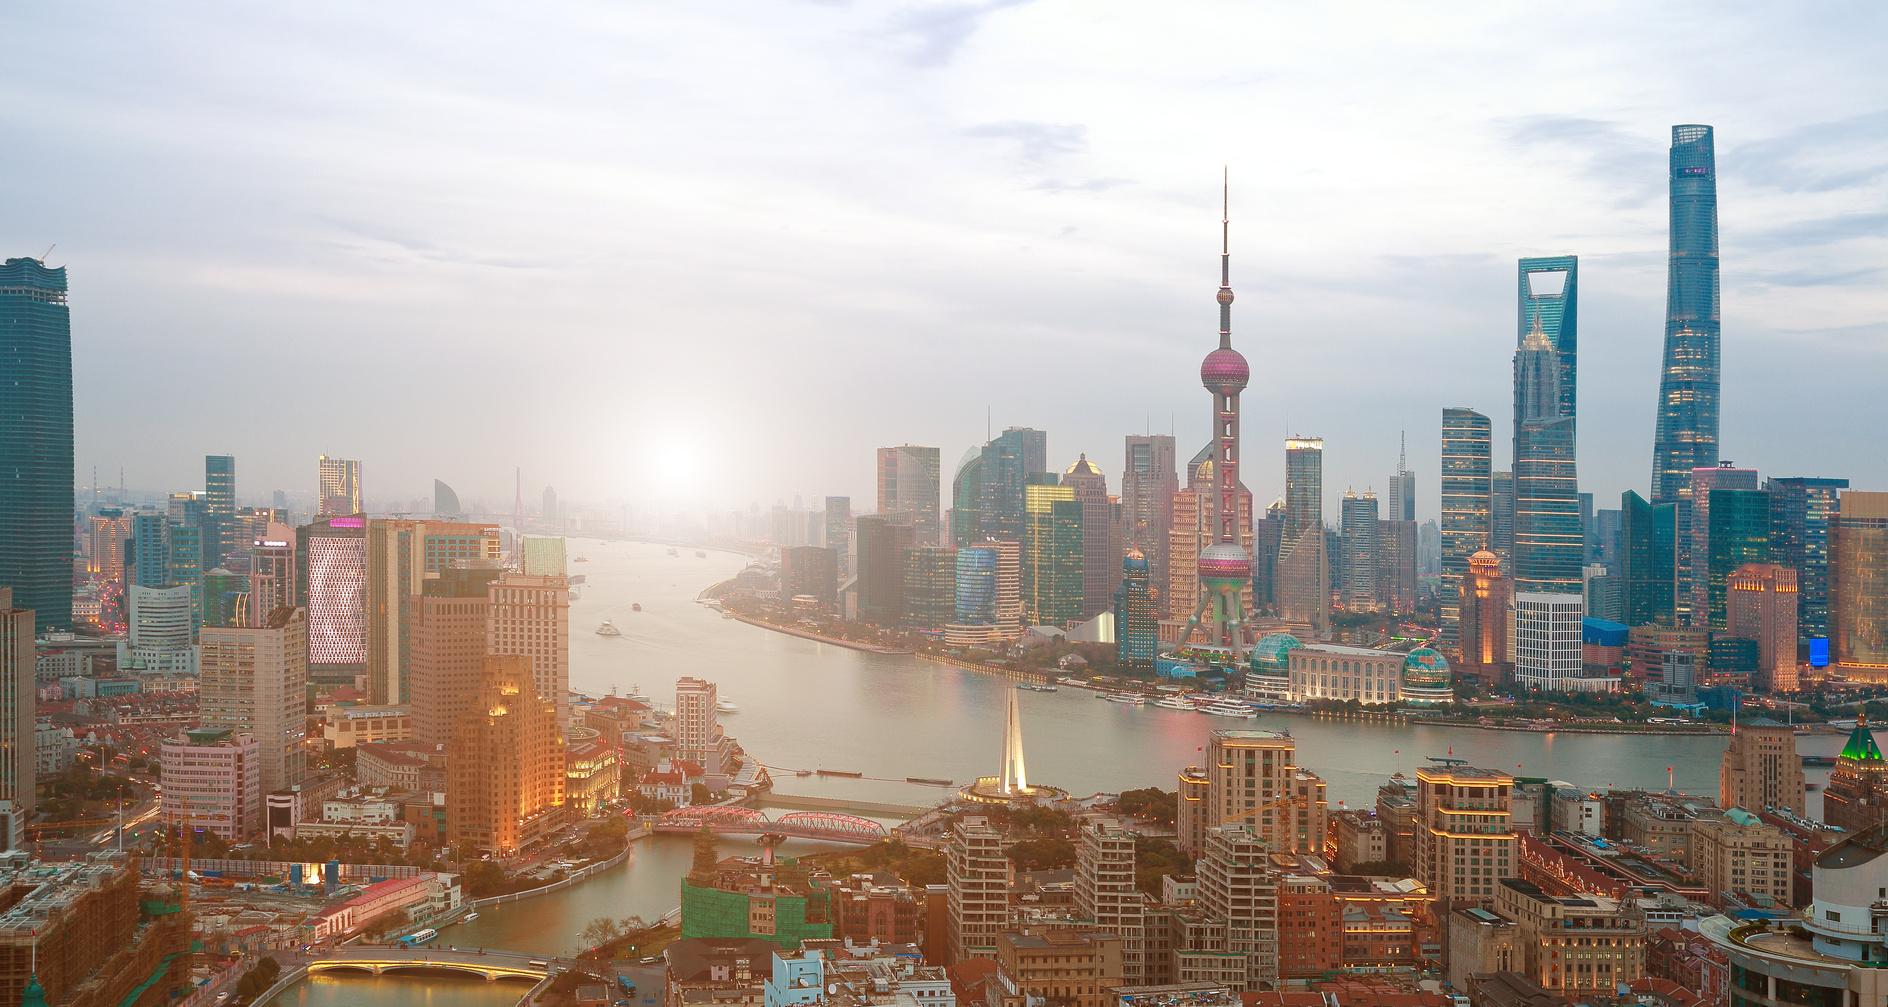 日本から上海へ短期留学をお考えの方へ